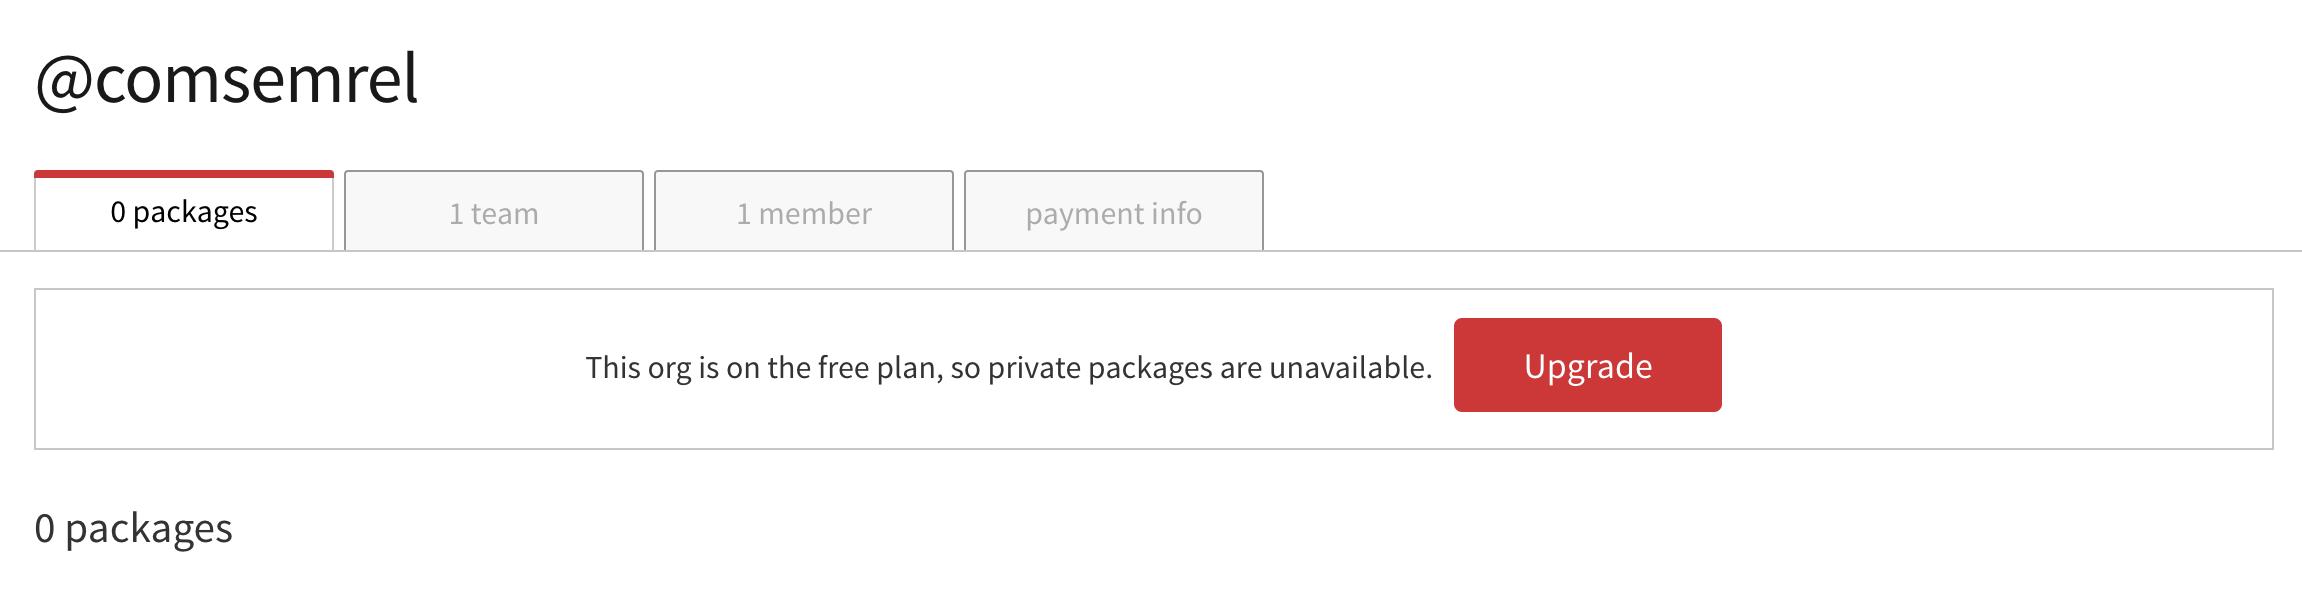 Panel zarządzania organizacją na npm, składający się z 4 zakładek: 0 packages, 1 team, 1 member, payment info. Włączony jest panel 0 packages.